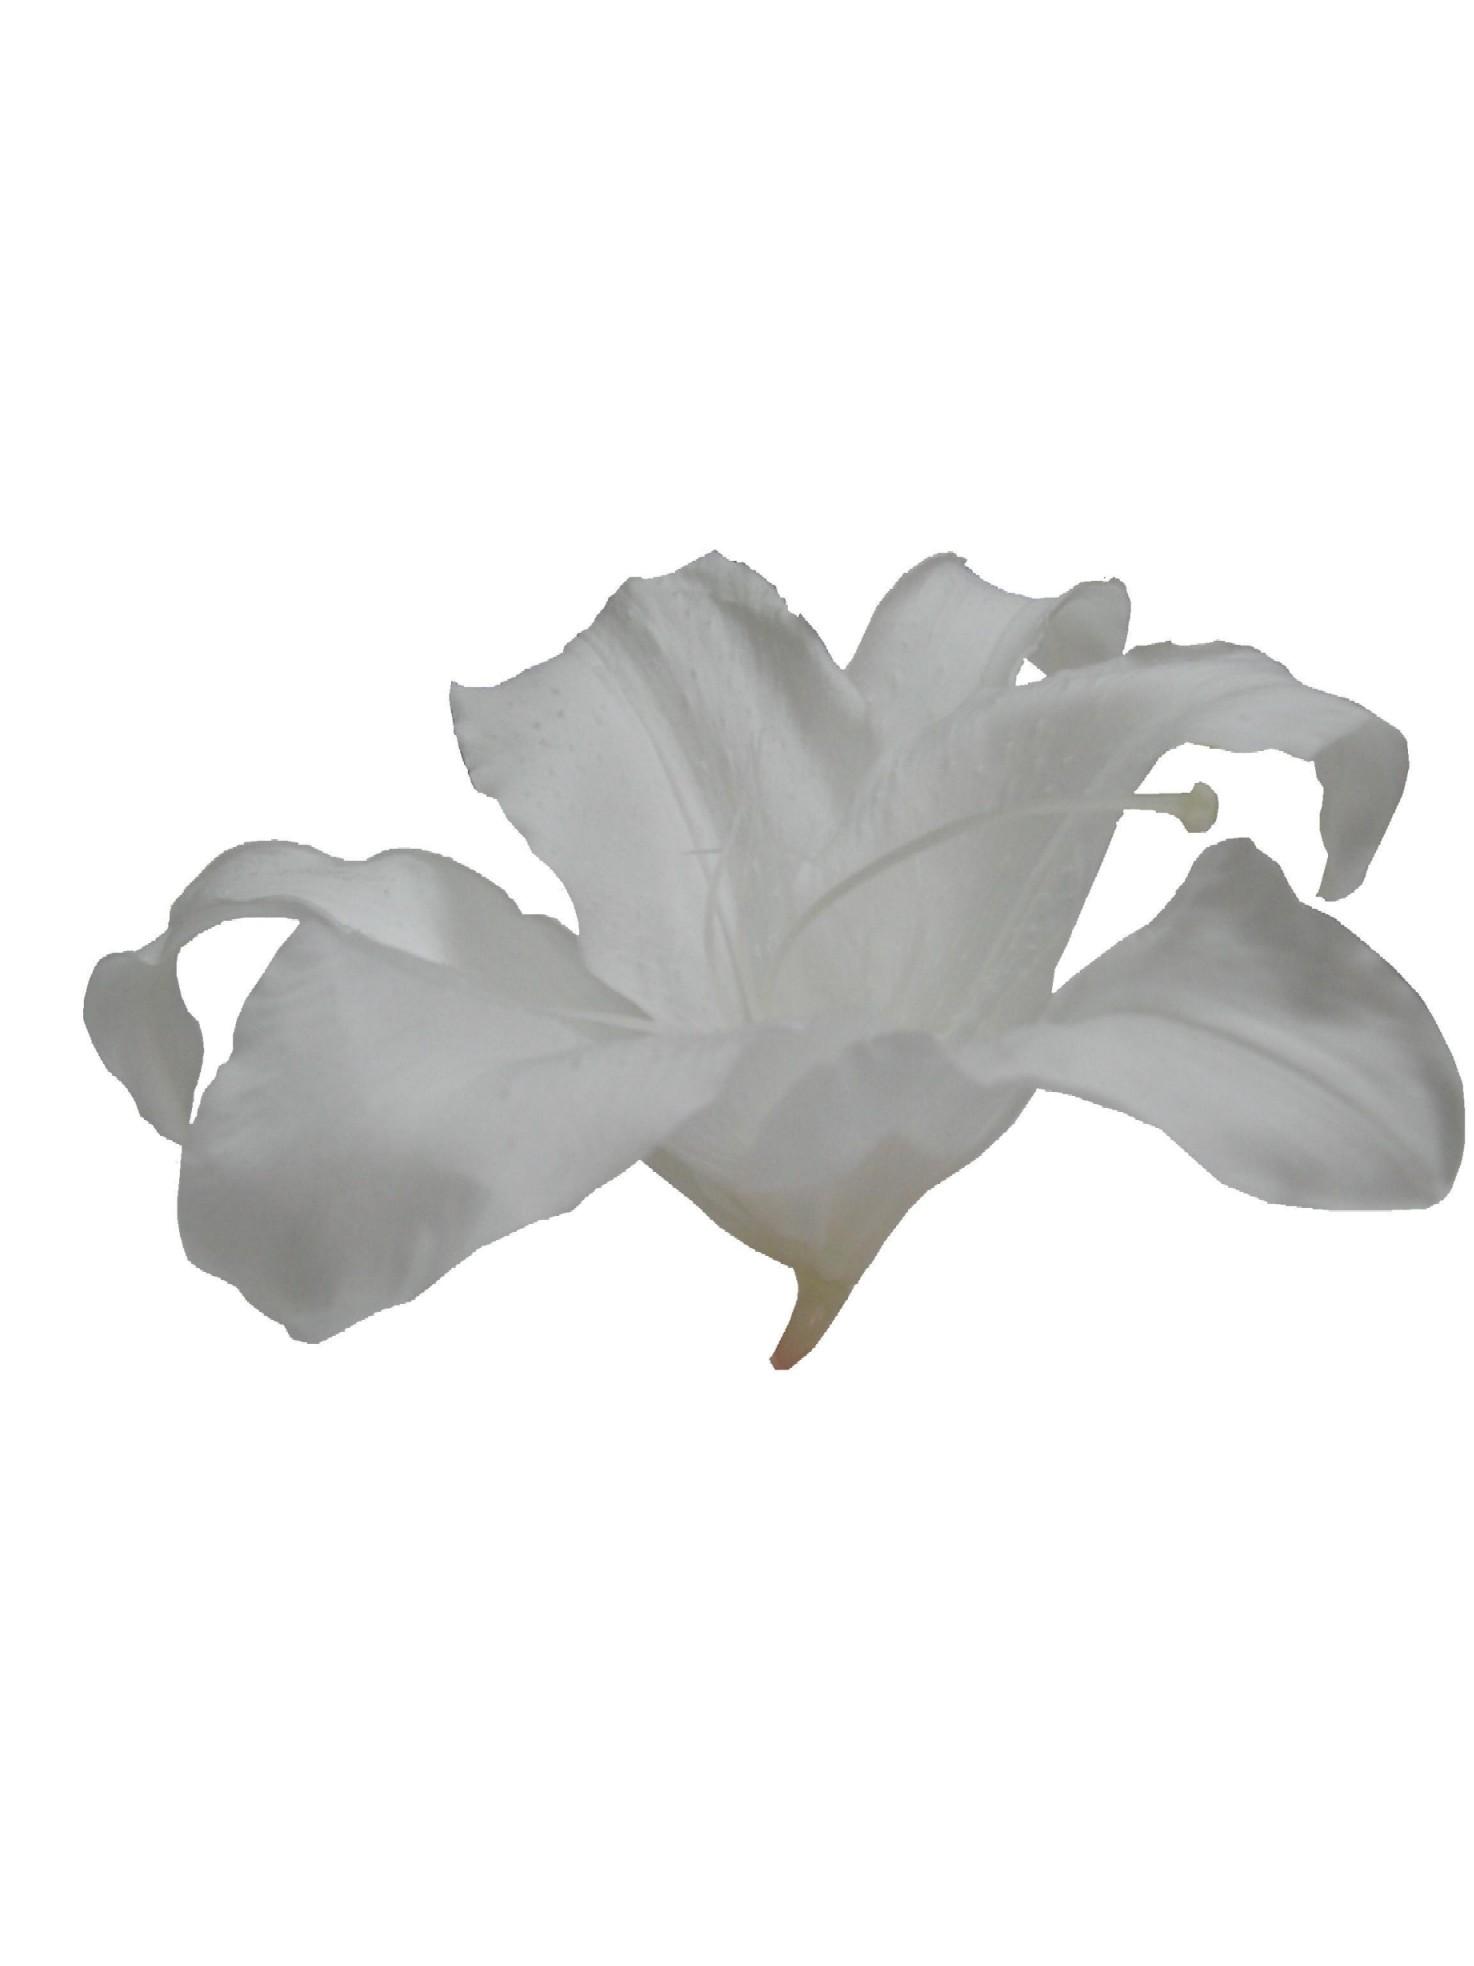 カサブランカSS(ホワイト)